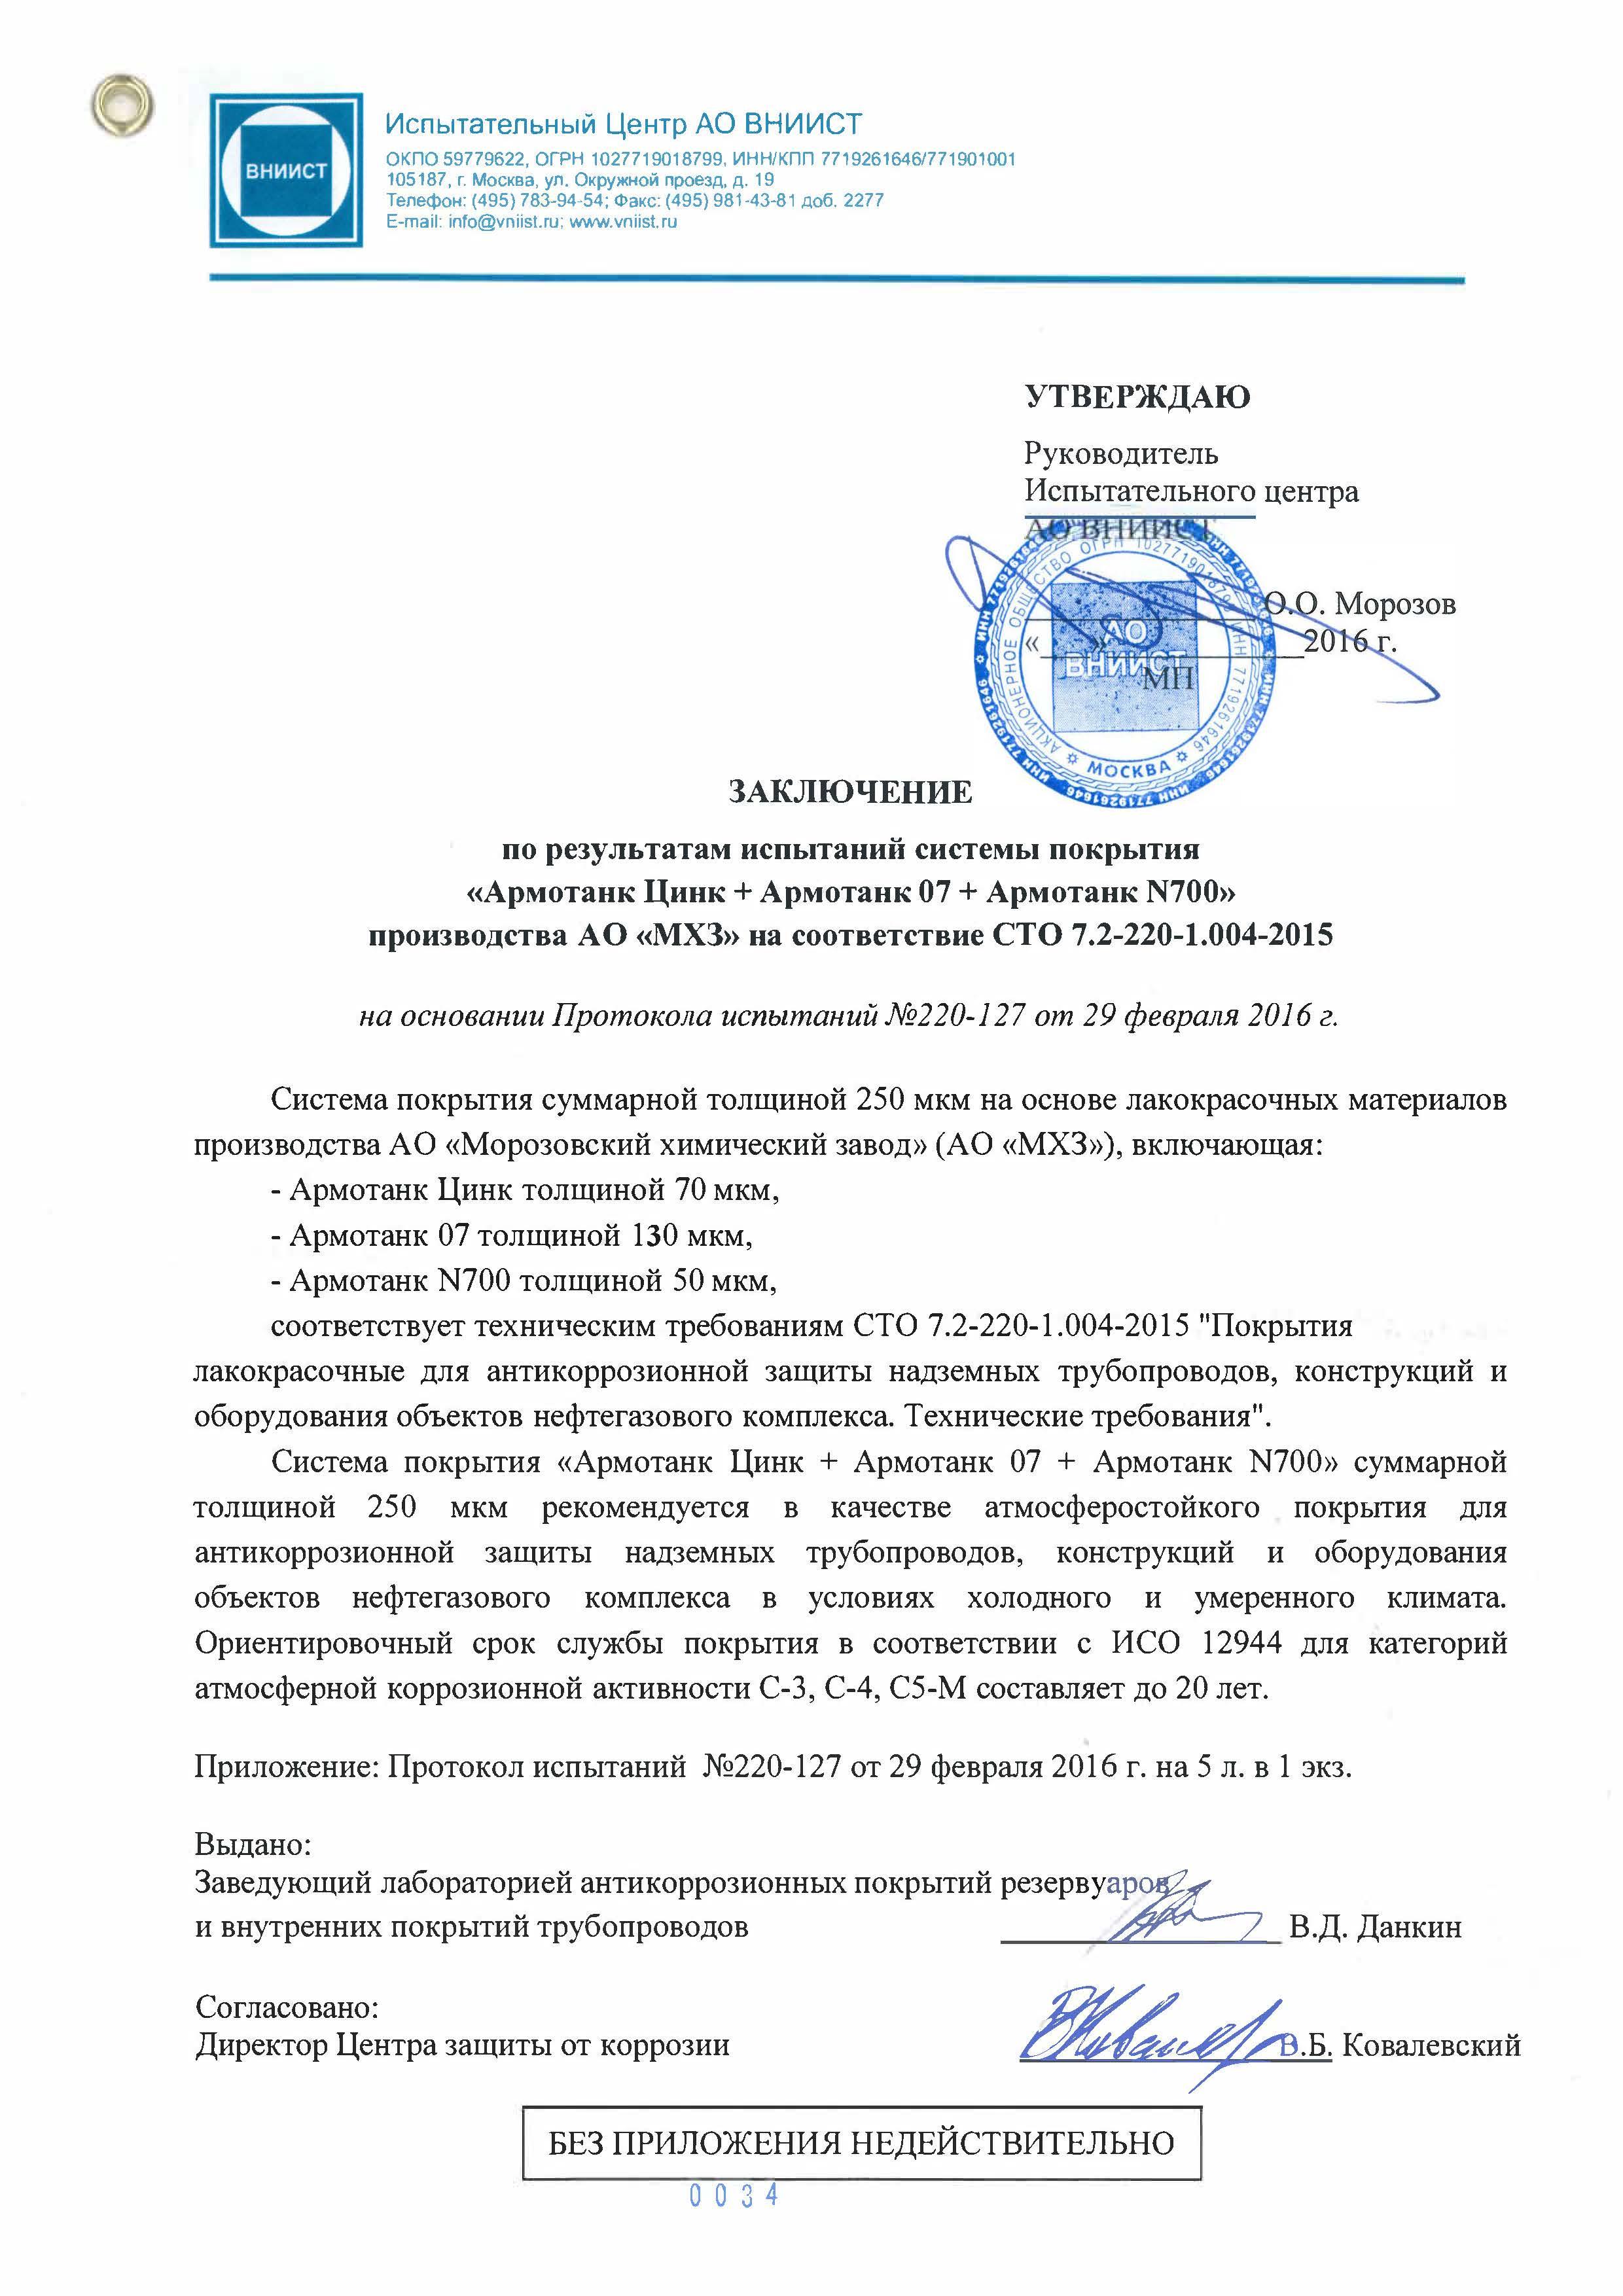 ВНИИСТ Цинк+07+N700 для трубопроводов; С-3,С-4,С5-М-20 лет+Протокол №220-127_Страница_1